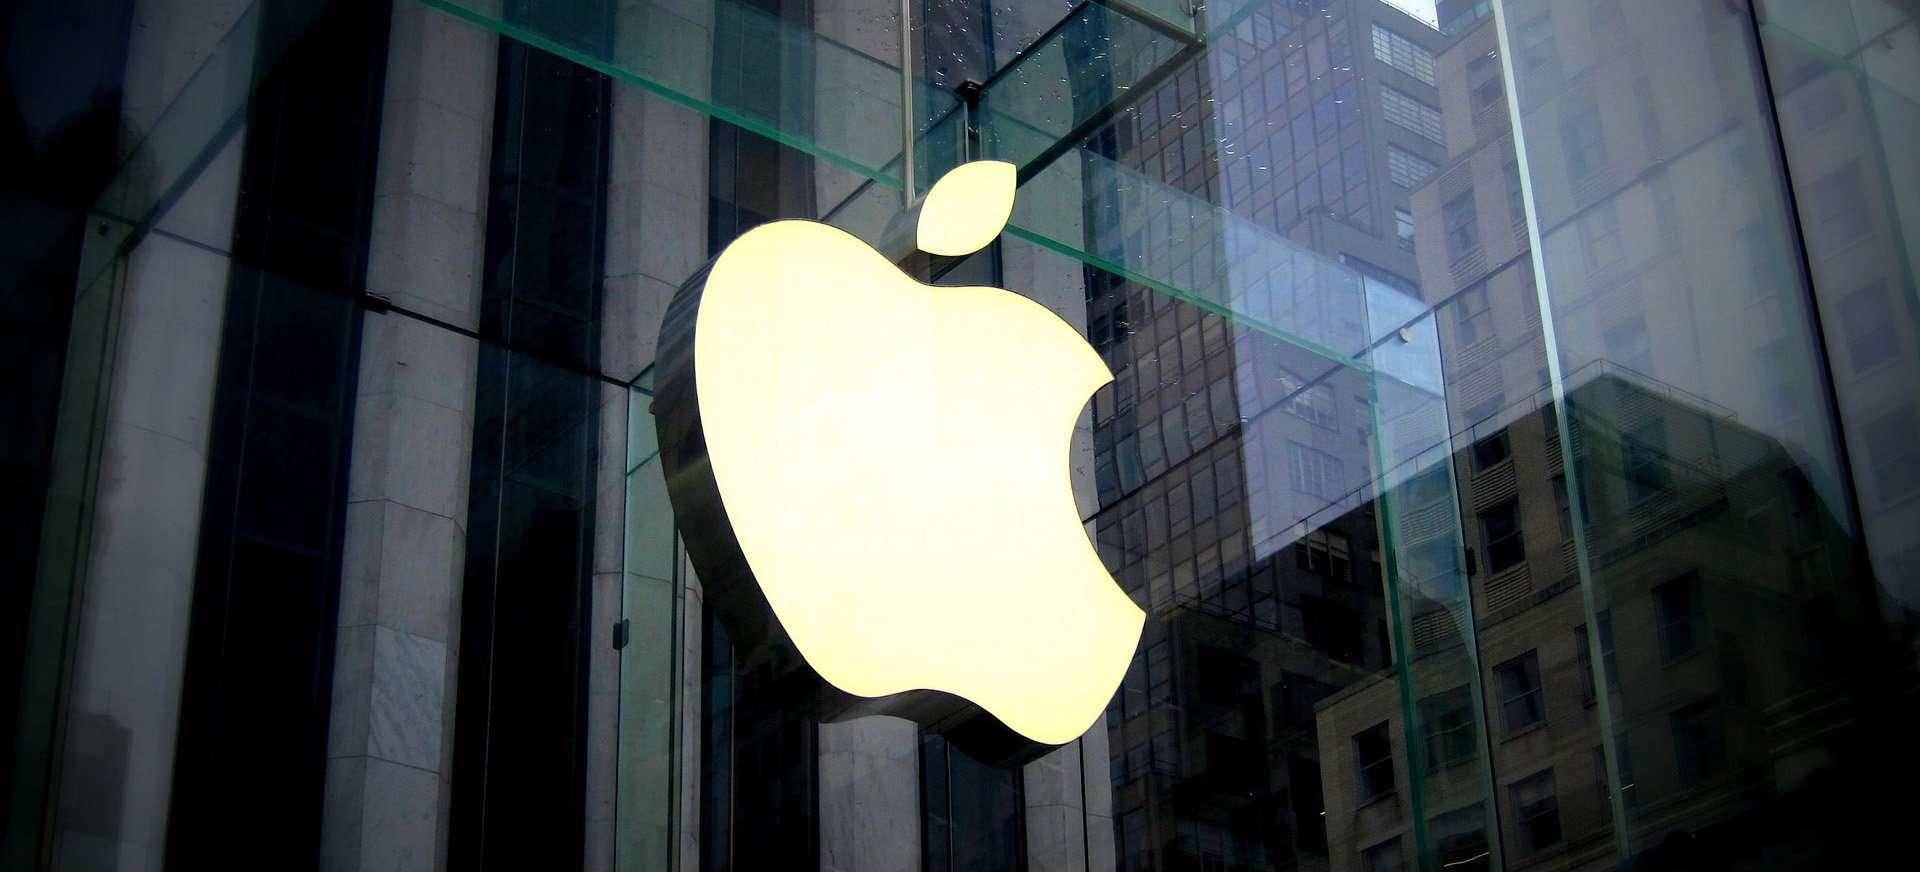 Chytrá cesta, jak obchodovat akcie Apple s opcemi. 2 roční BackTest opční strategie s výsledkem zhodnocení 182%.